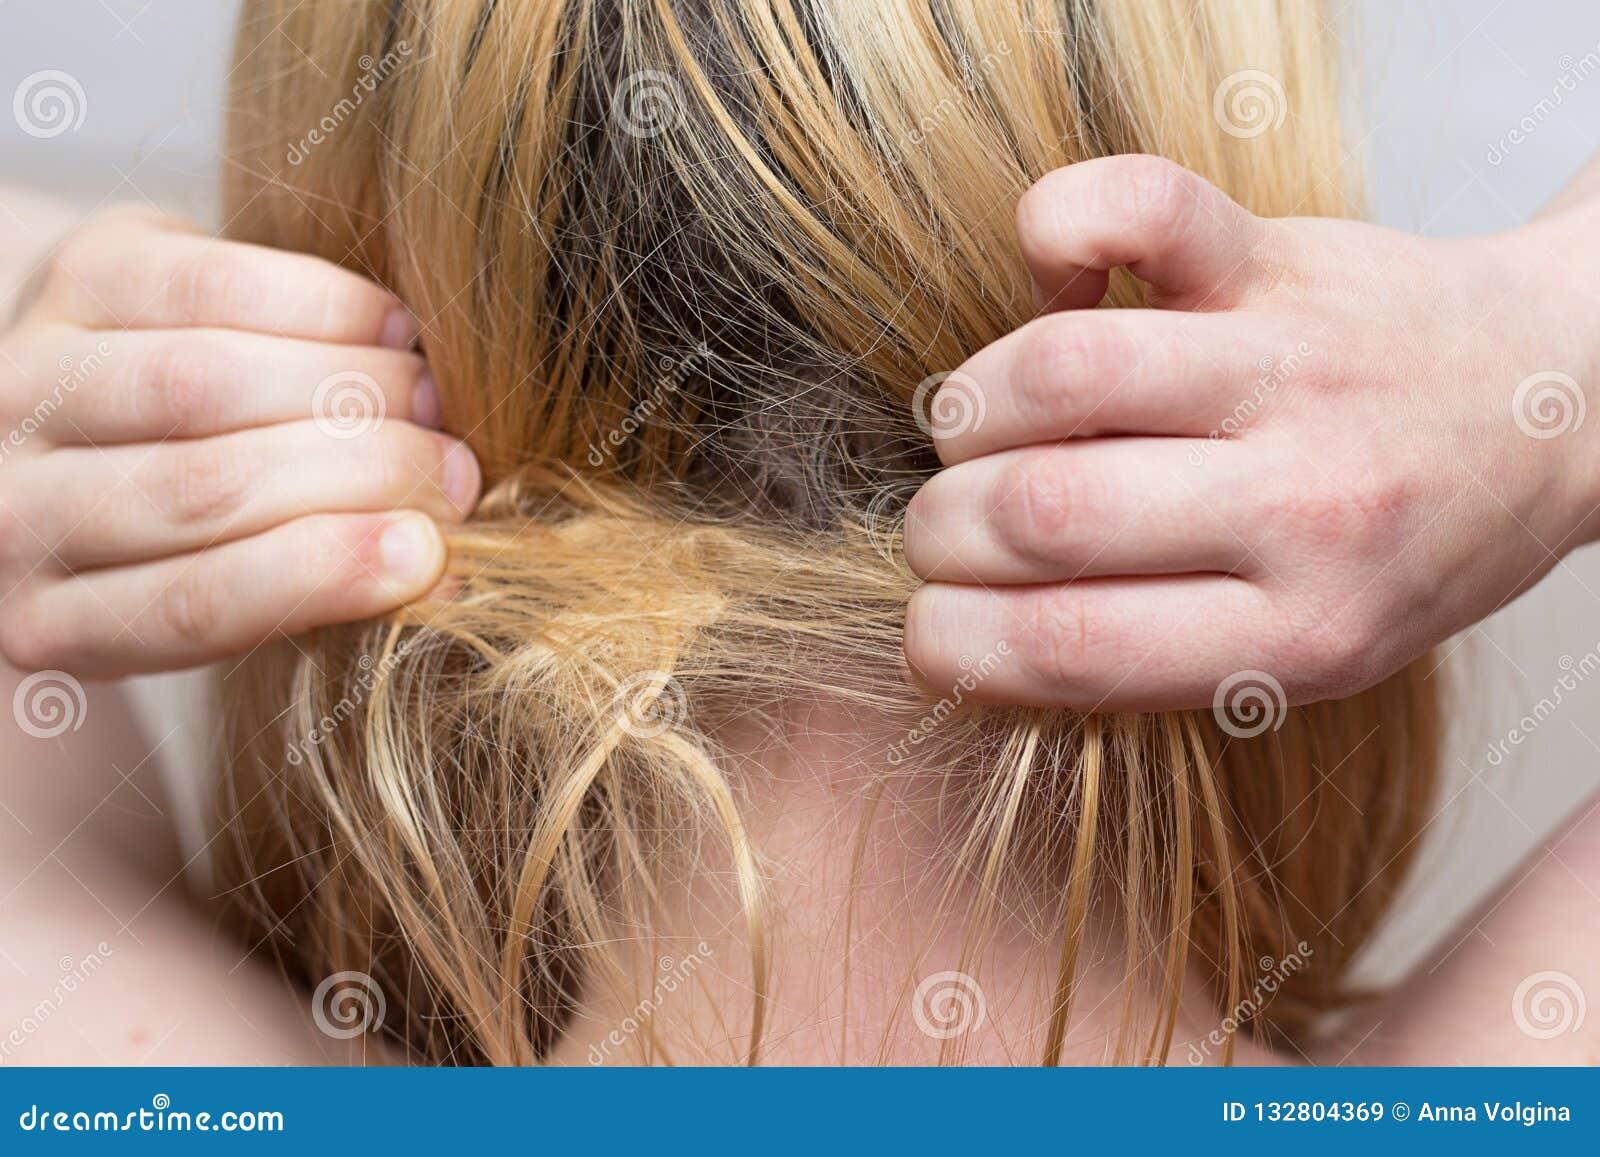 Frau versucht, einen Haarbüschel zu entwirren